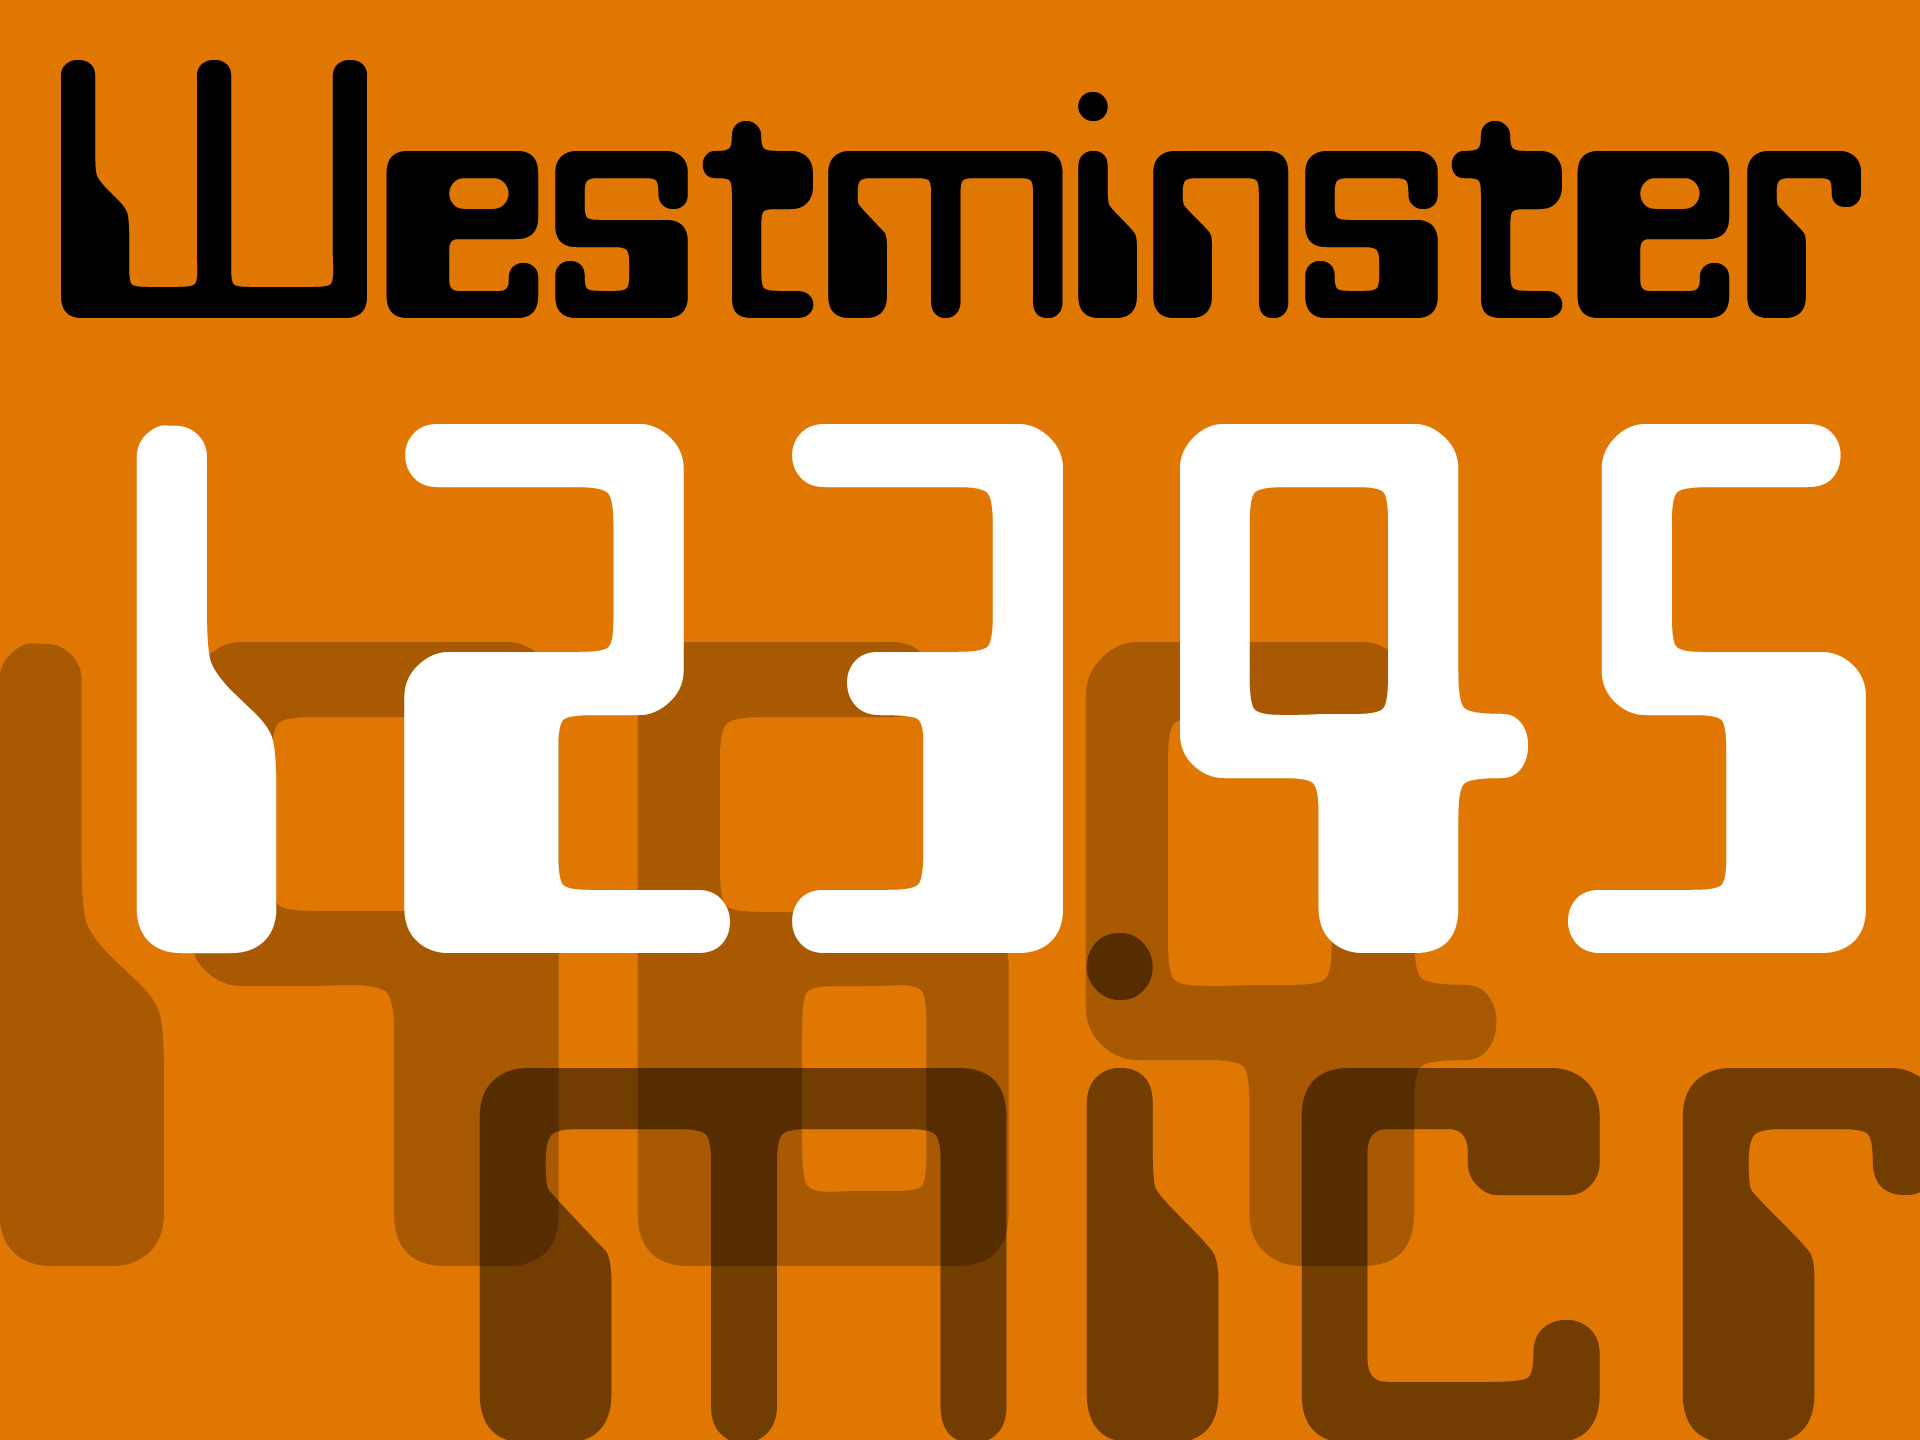 Westminster font design